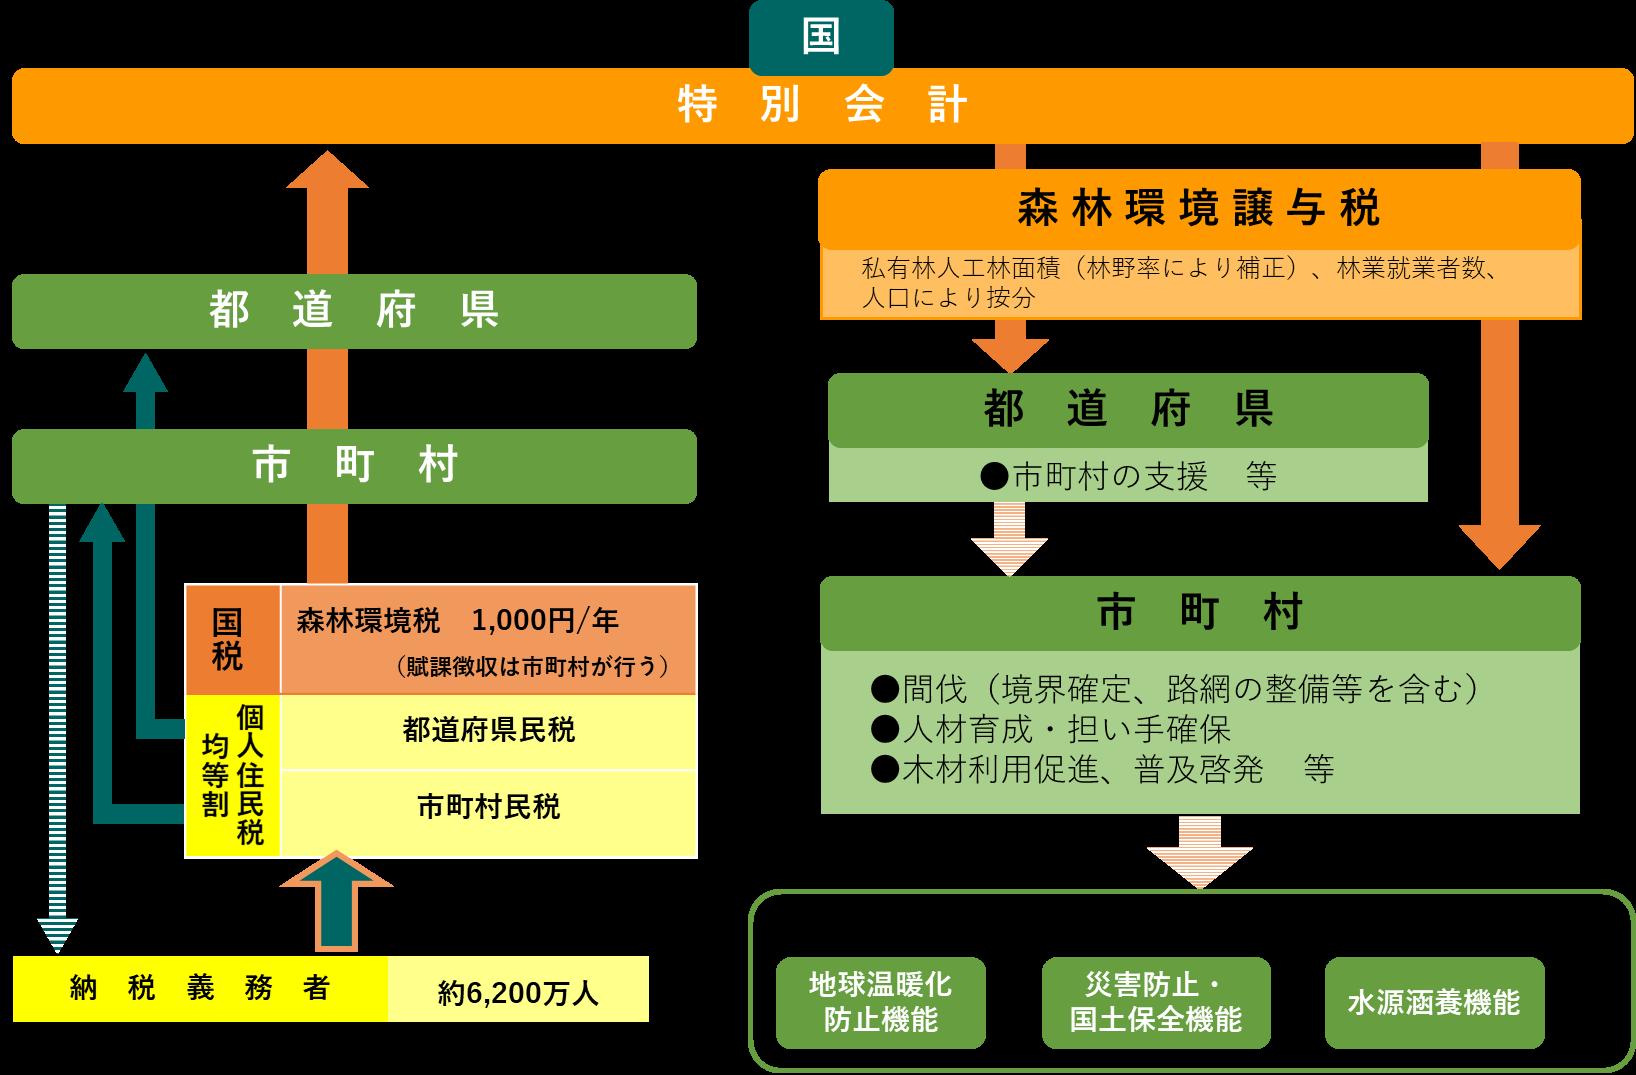 譲与税概略図